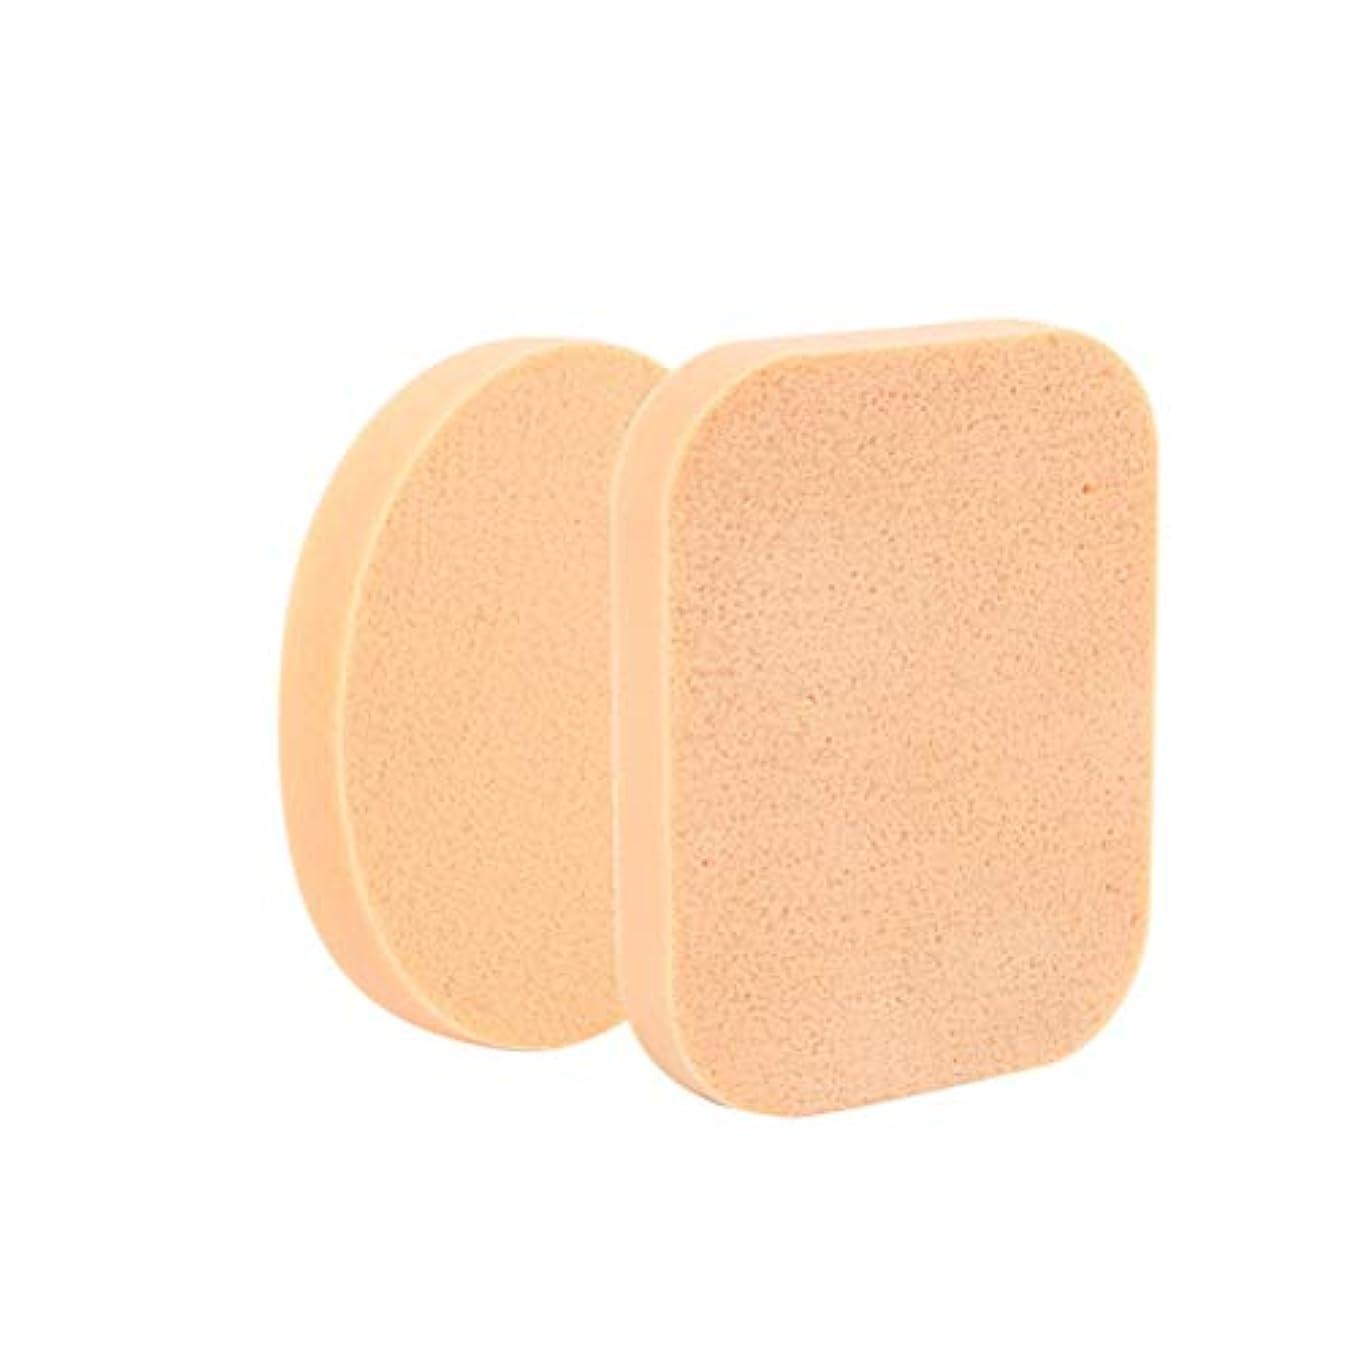 潜在的な開発ポスト印象派HEALIFTY 8ピース化粧品パフスポンジ洗顔スポンジフェイスケアクレンジングメイク落としツール